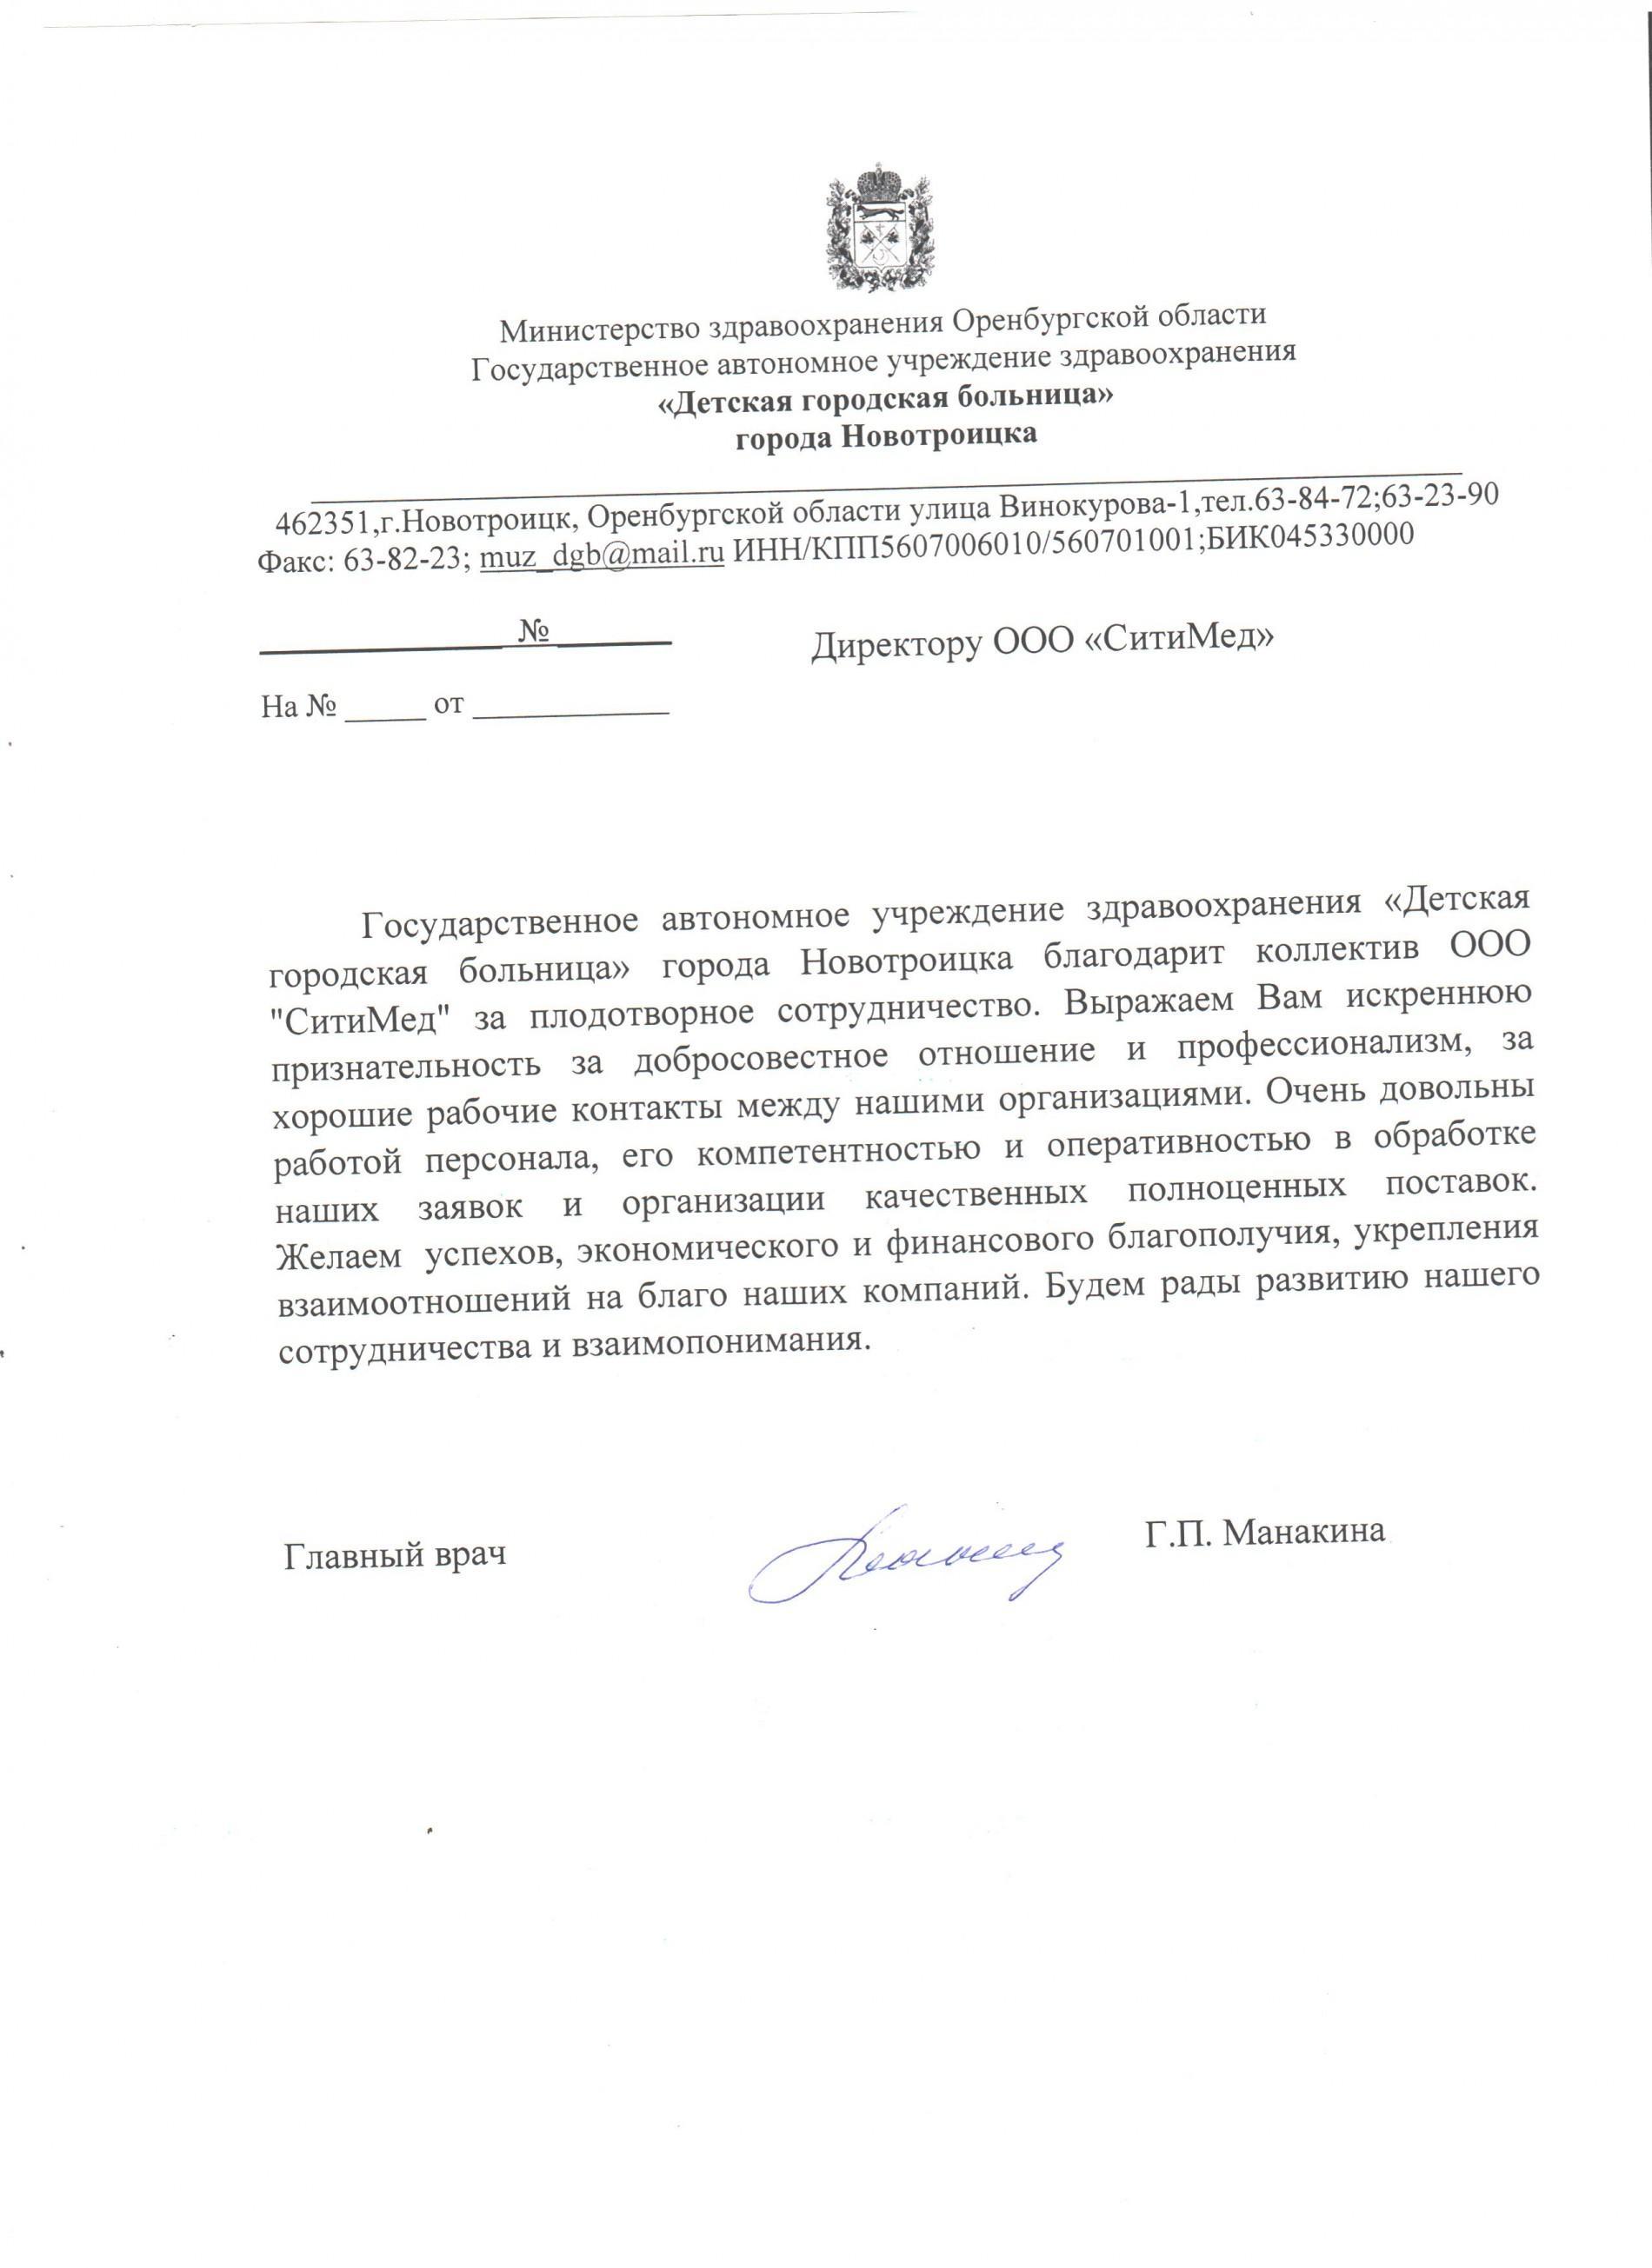 Поставка медицинского оборудования в Крым